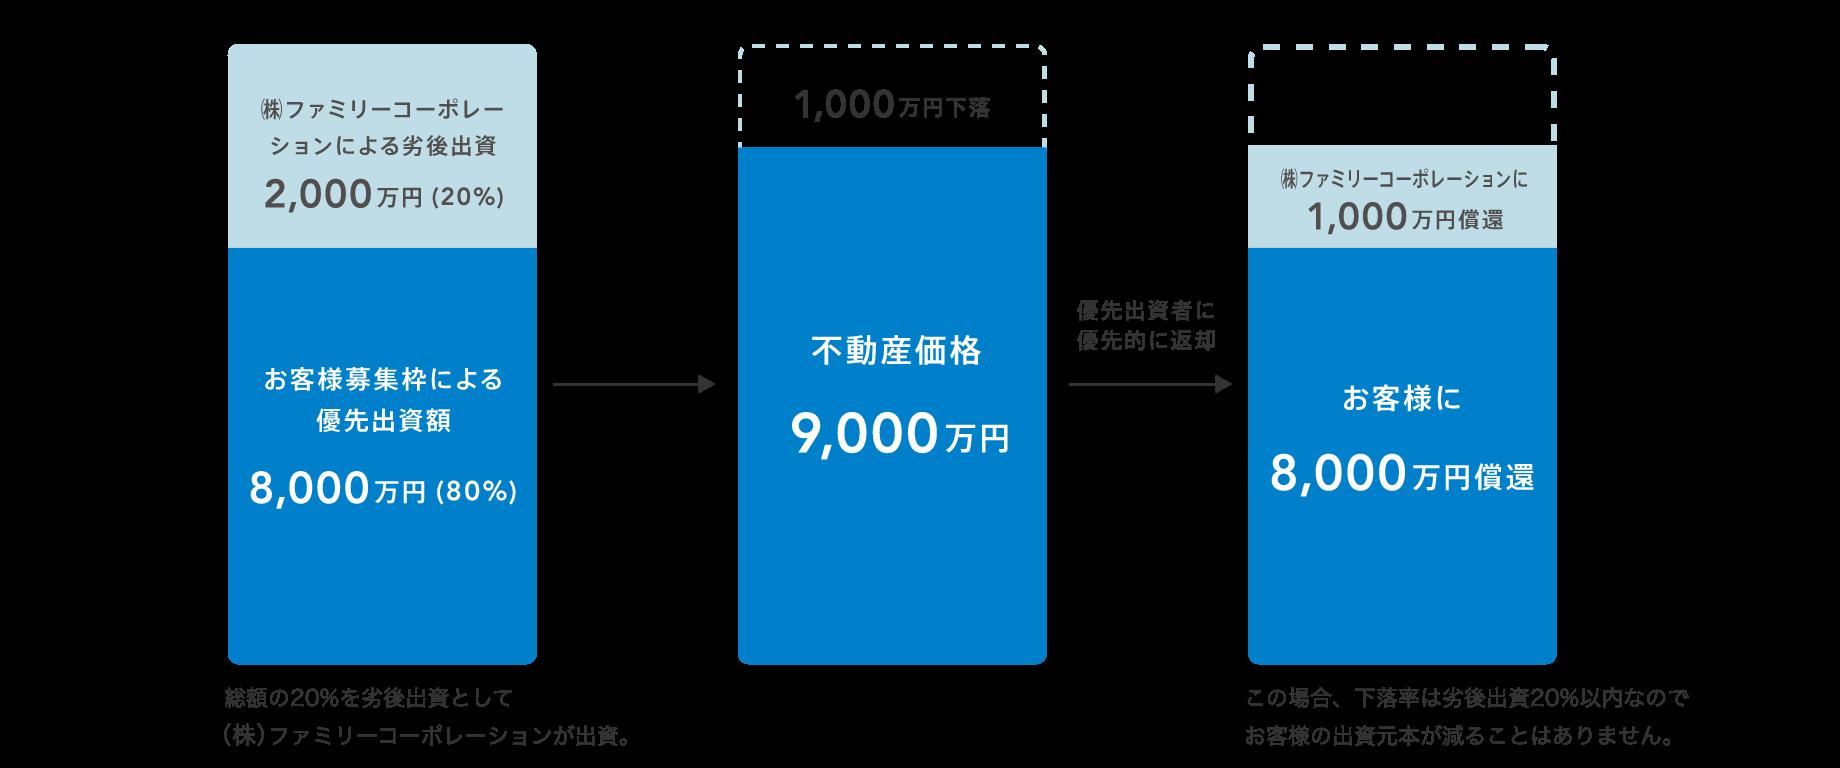 図:優先劣後出資システムの仕組み